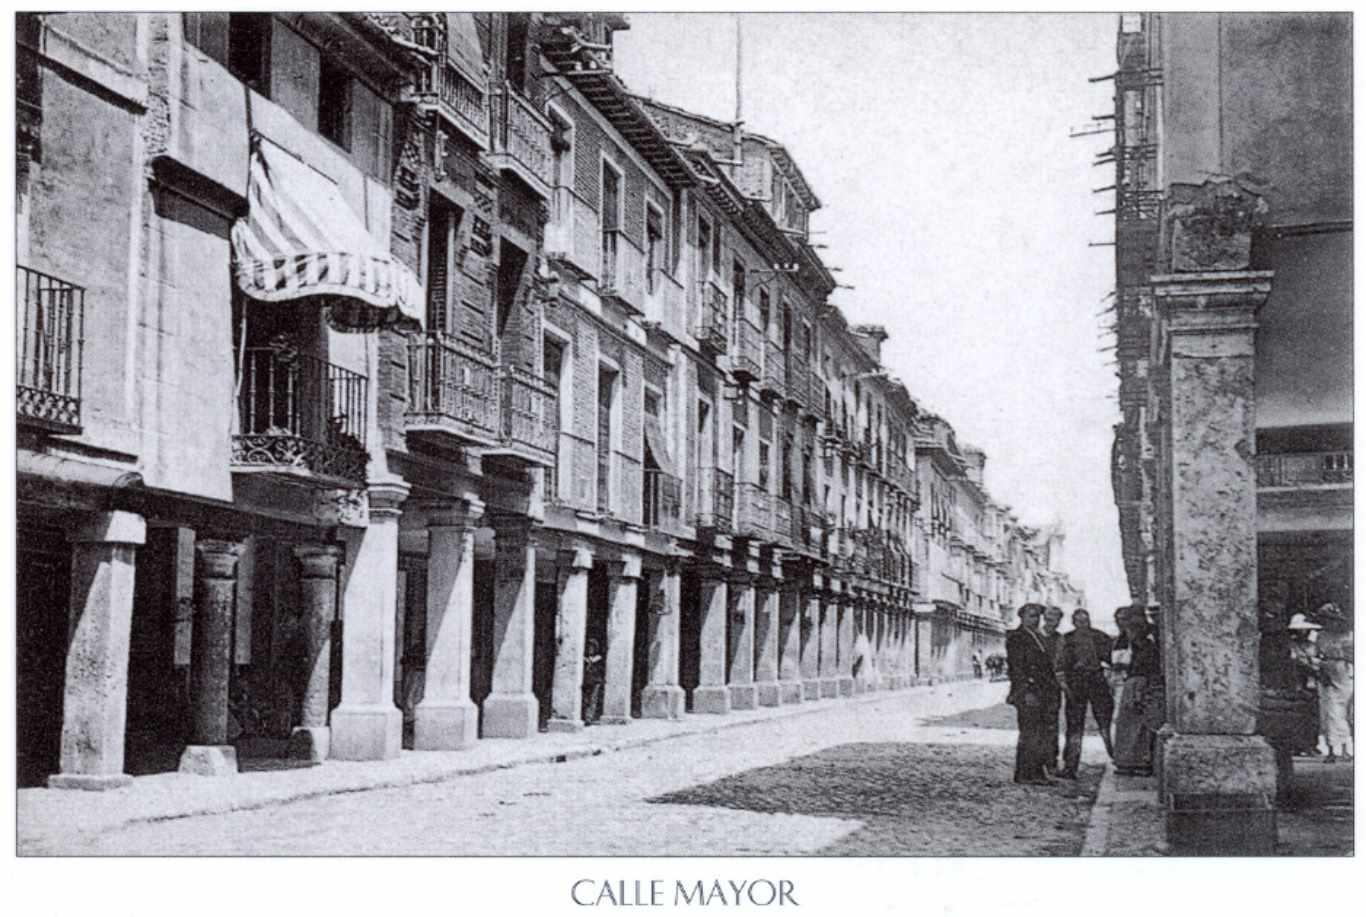 Alcala_de_Henares-1910-Calle Mayor, la Alcalá judía